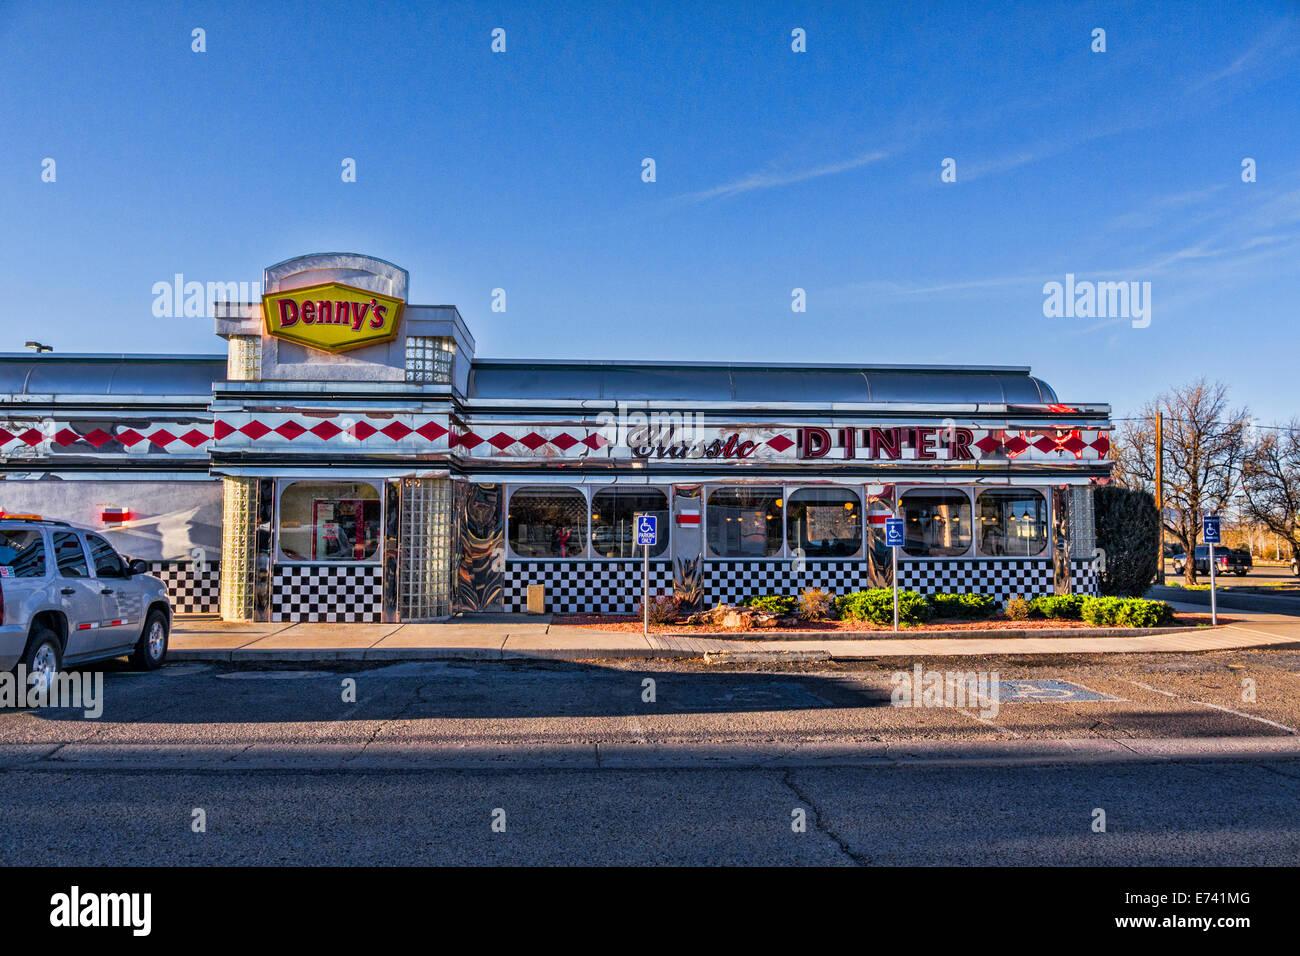 Denny's Classic Diner, Cortez, Colorado, Estados Unidos. Imagen De Stock